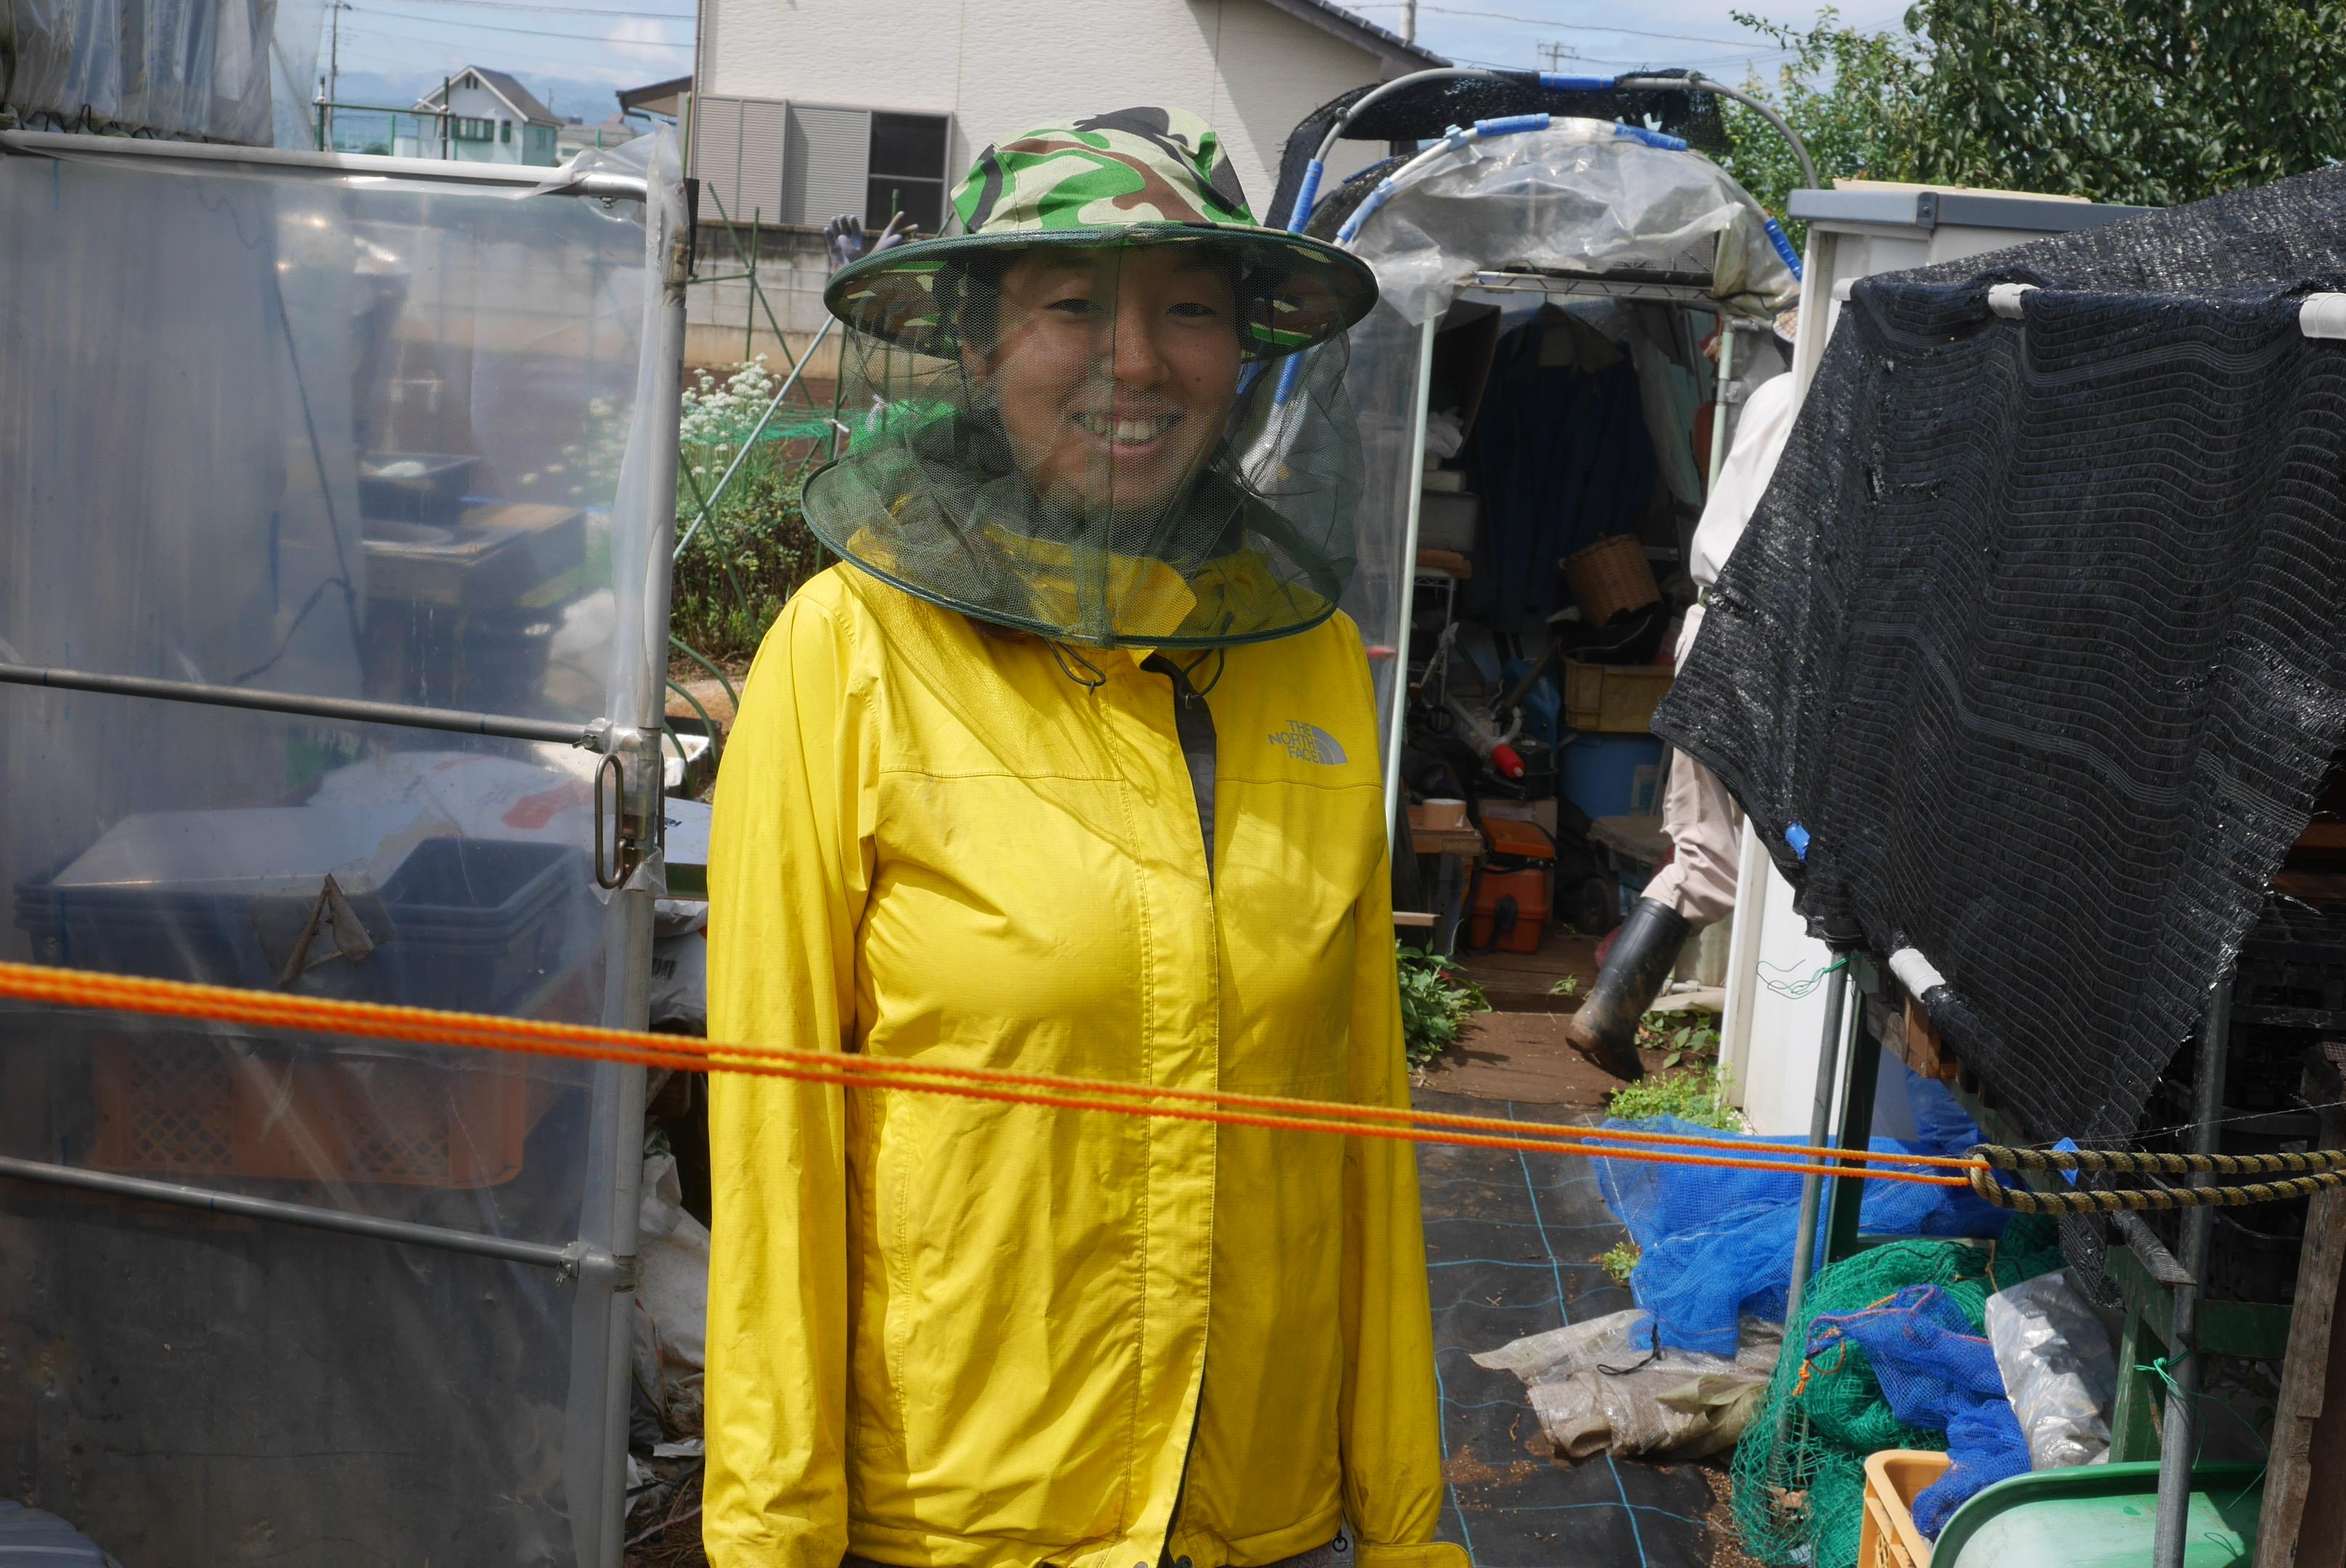 ミツバチが減っている今の時代、農家は自らミツバチを飼うべきかもしれない。